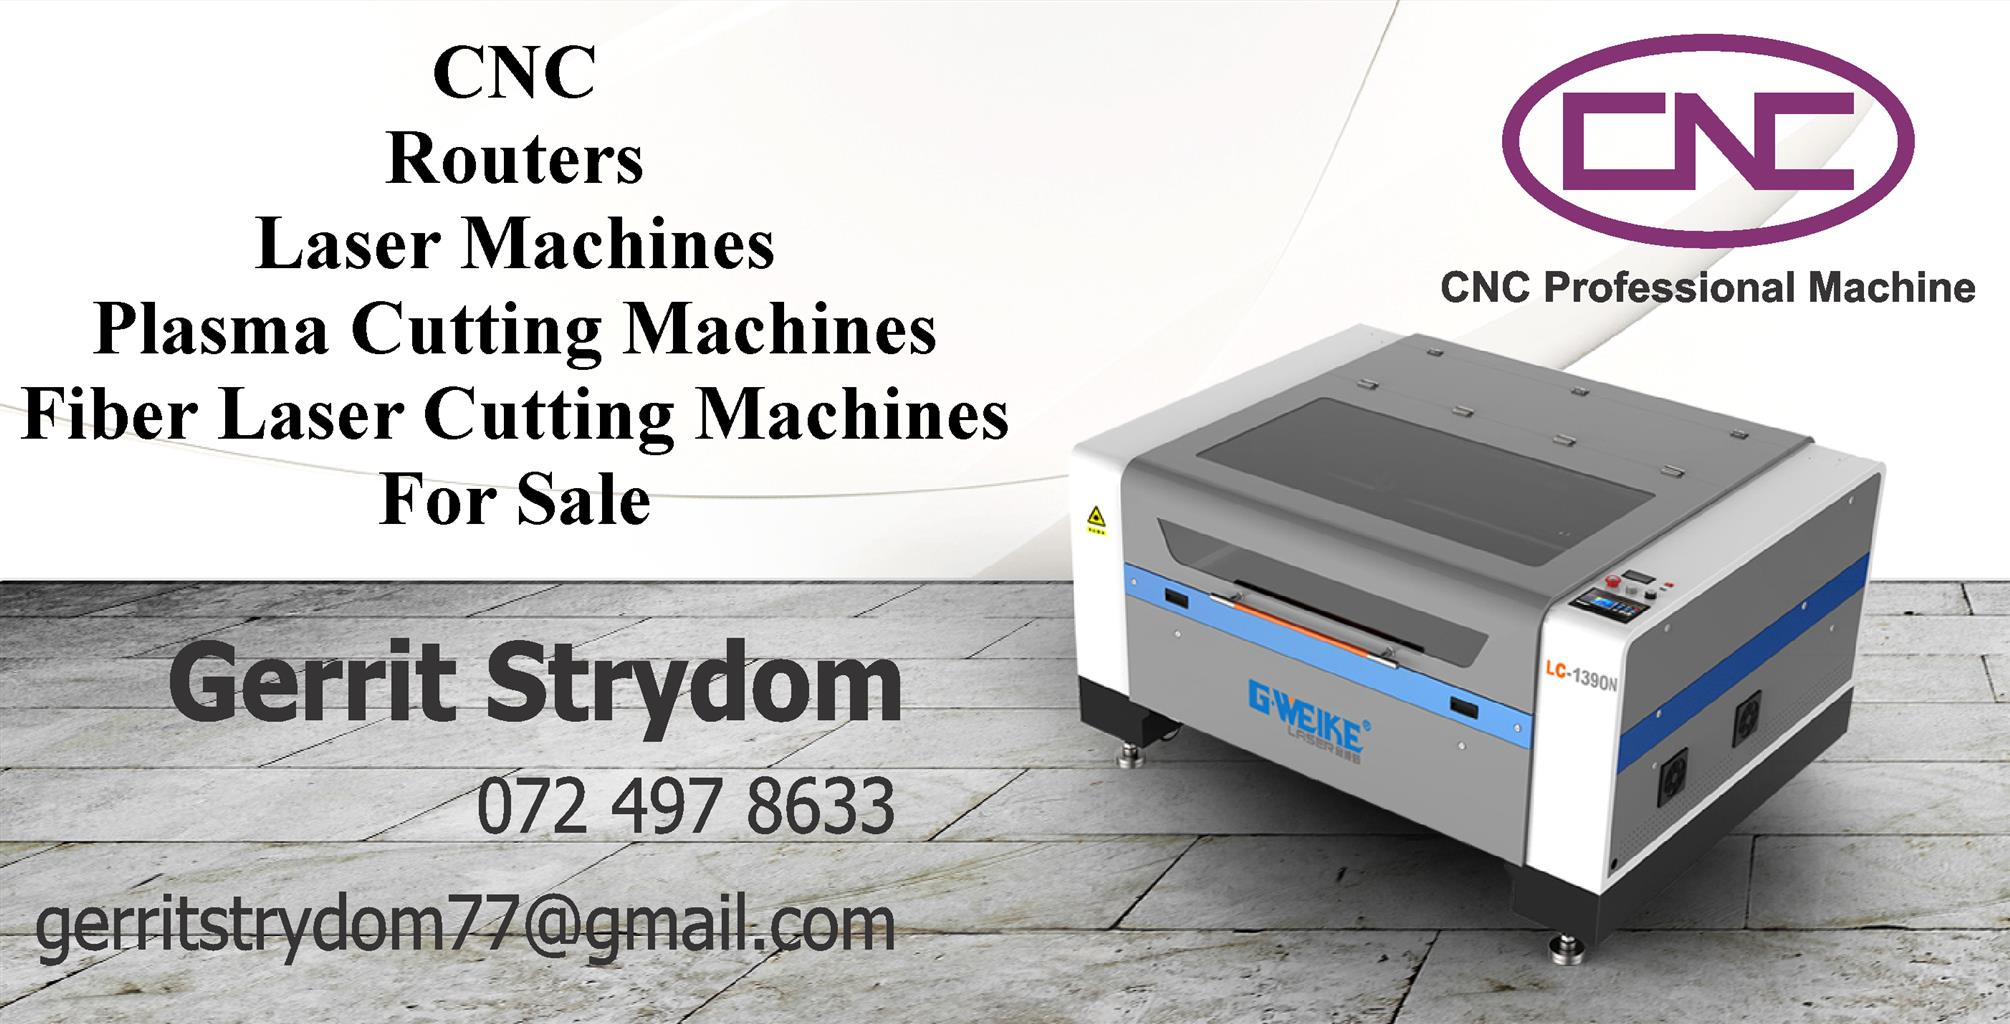 CNC Router Plasma Laser Fiber Machines For Sale